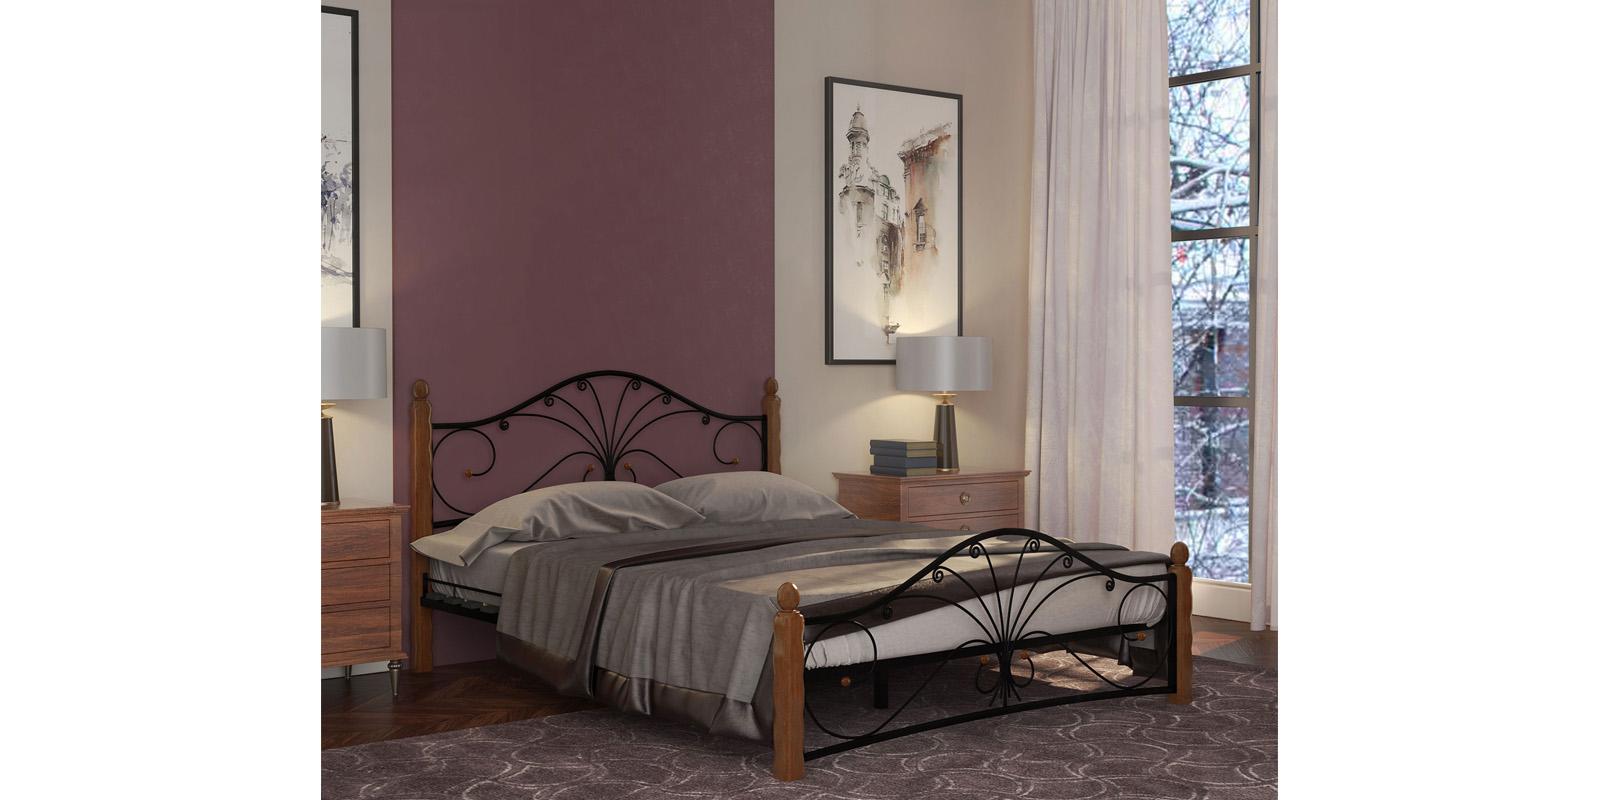 Металлическая кровать 140х200 Фортуна вариант №1 с ортопедическим основанием (черный/махагон)